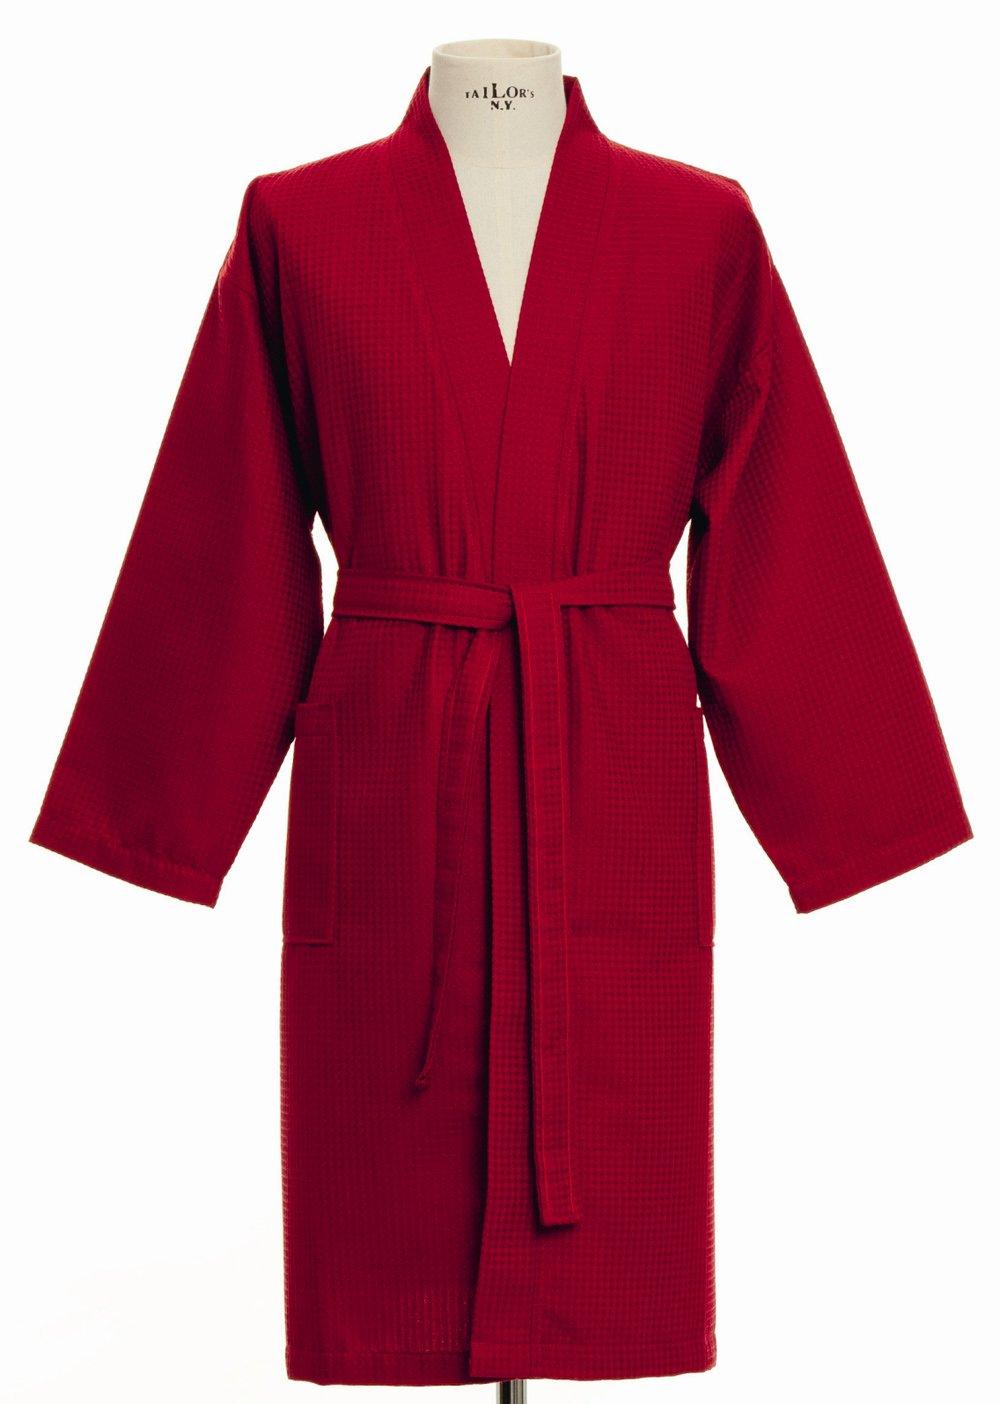 Möve Kimono Homewear Waffelpiquee Größe S, rot    Kundenbewertung und weitere Informationen